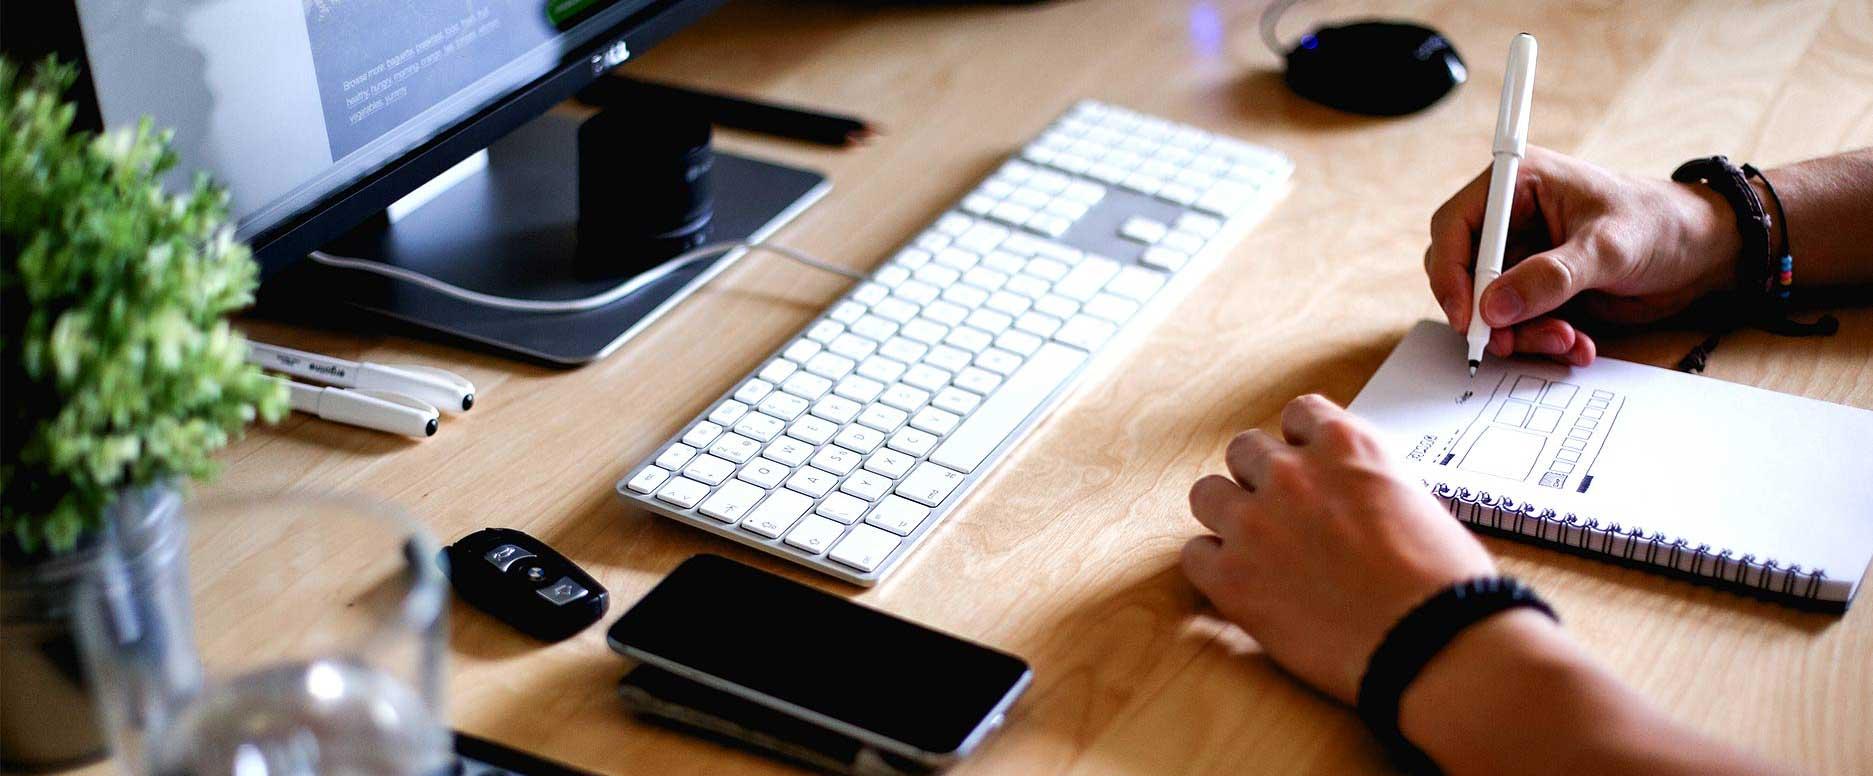 Servicii de creație grafică și tehnoredactare